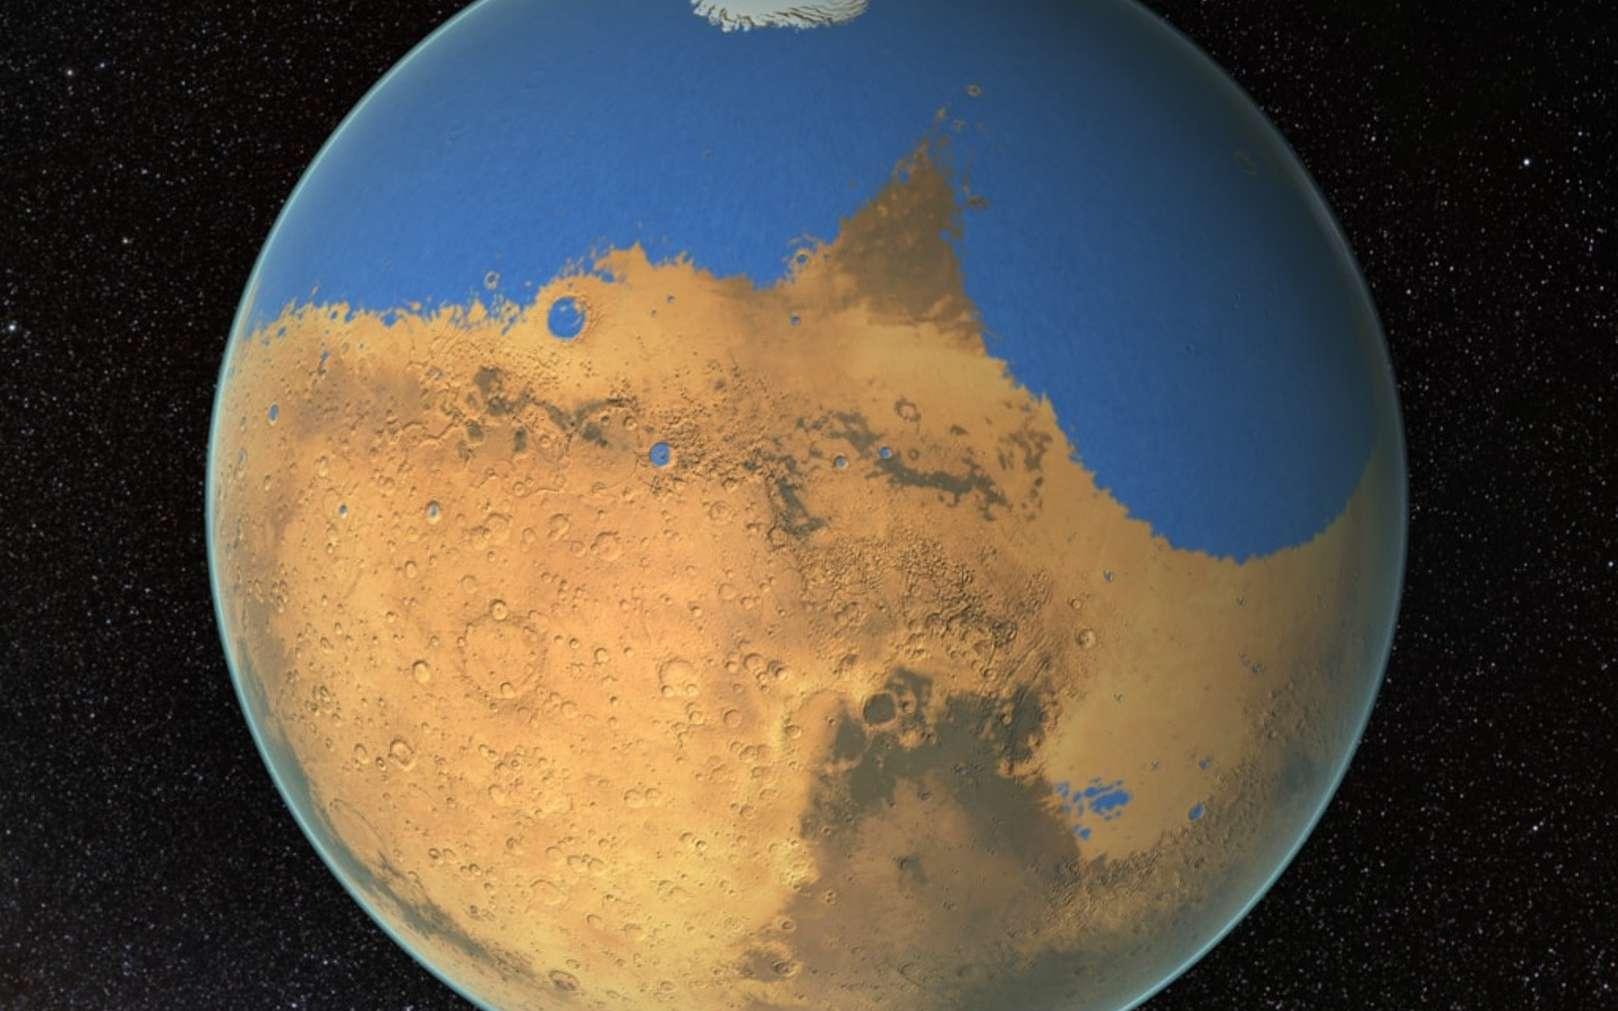 Une vue d'artiste de l'époque où Mars possédait encore de l'eau. © Nasa's Goddard Space Flight Center